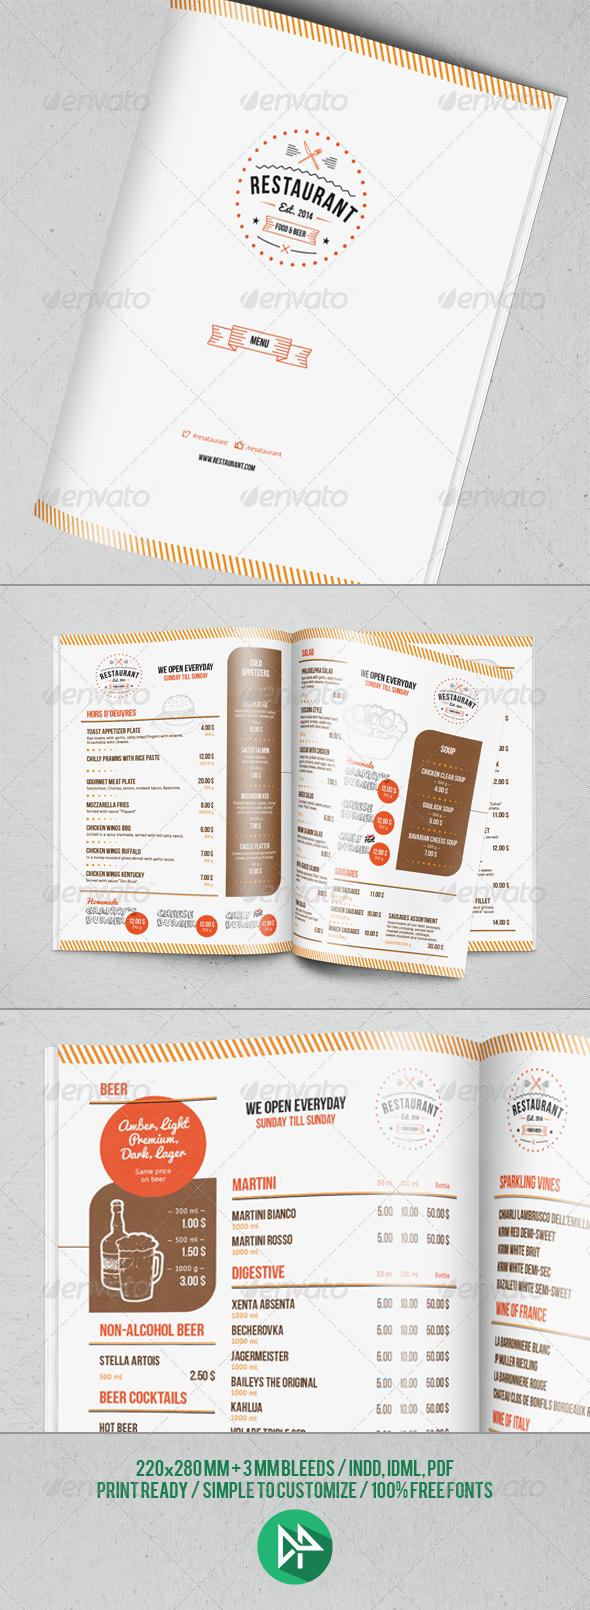 GraphicRiver Restaurant Menu Template 7054667